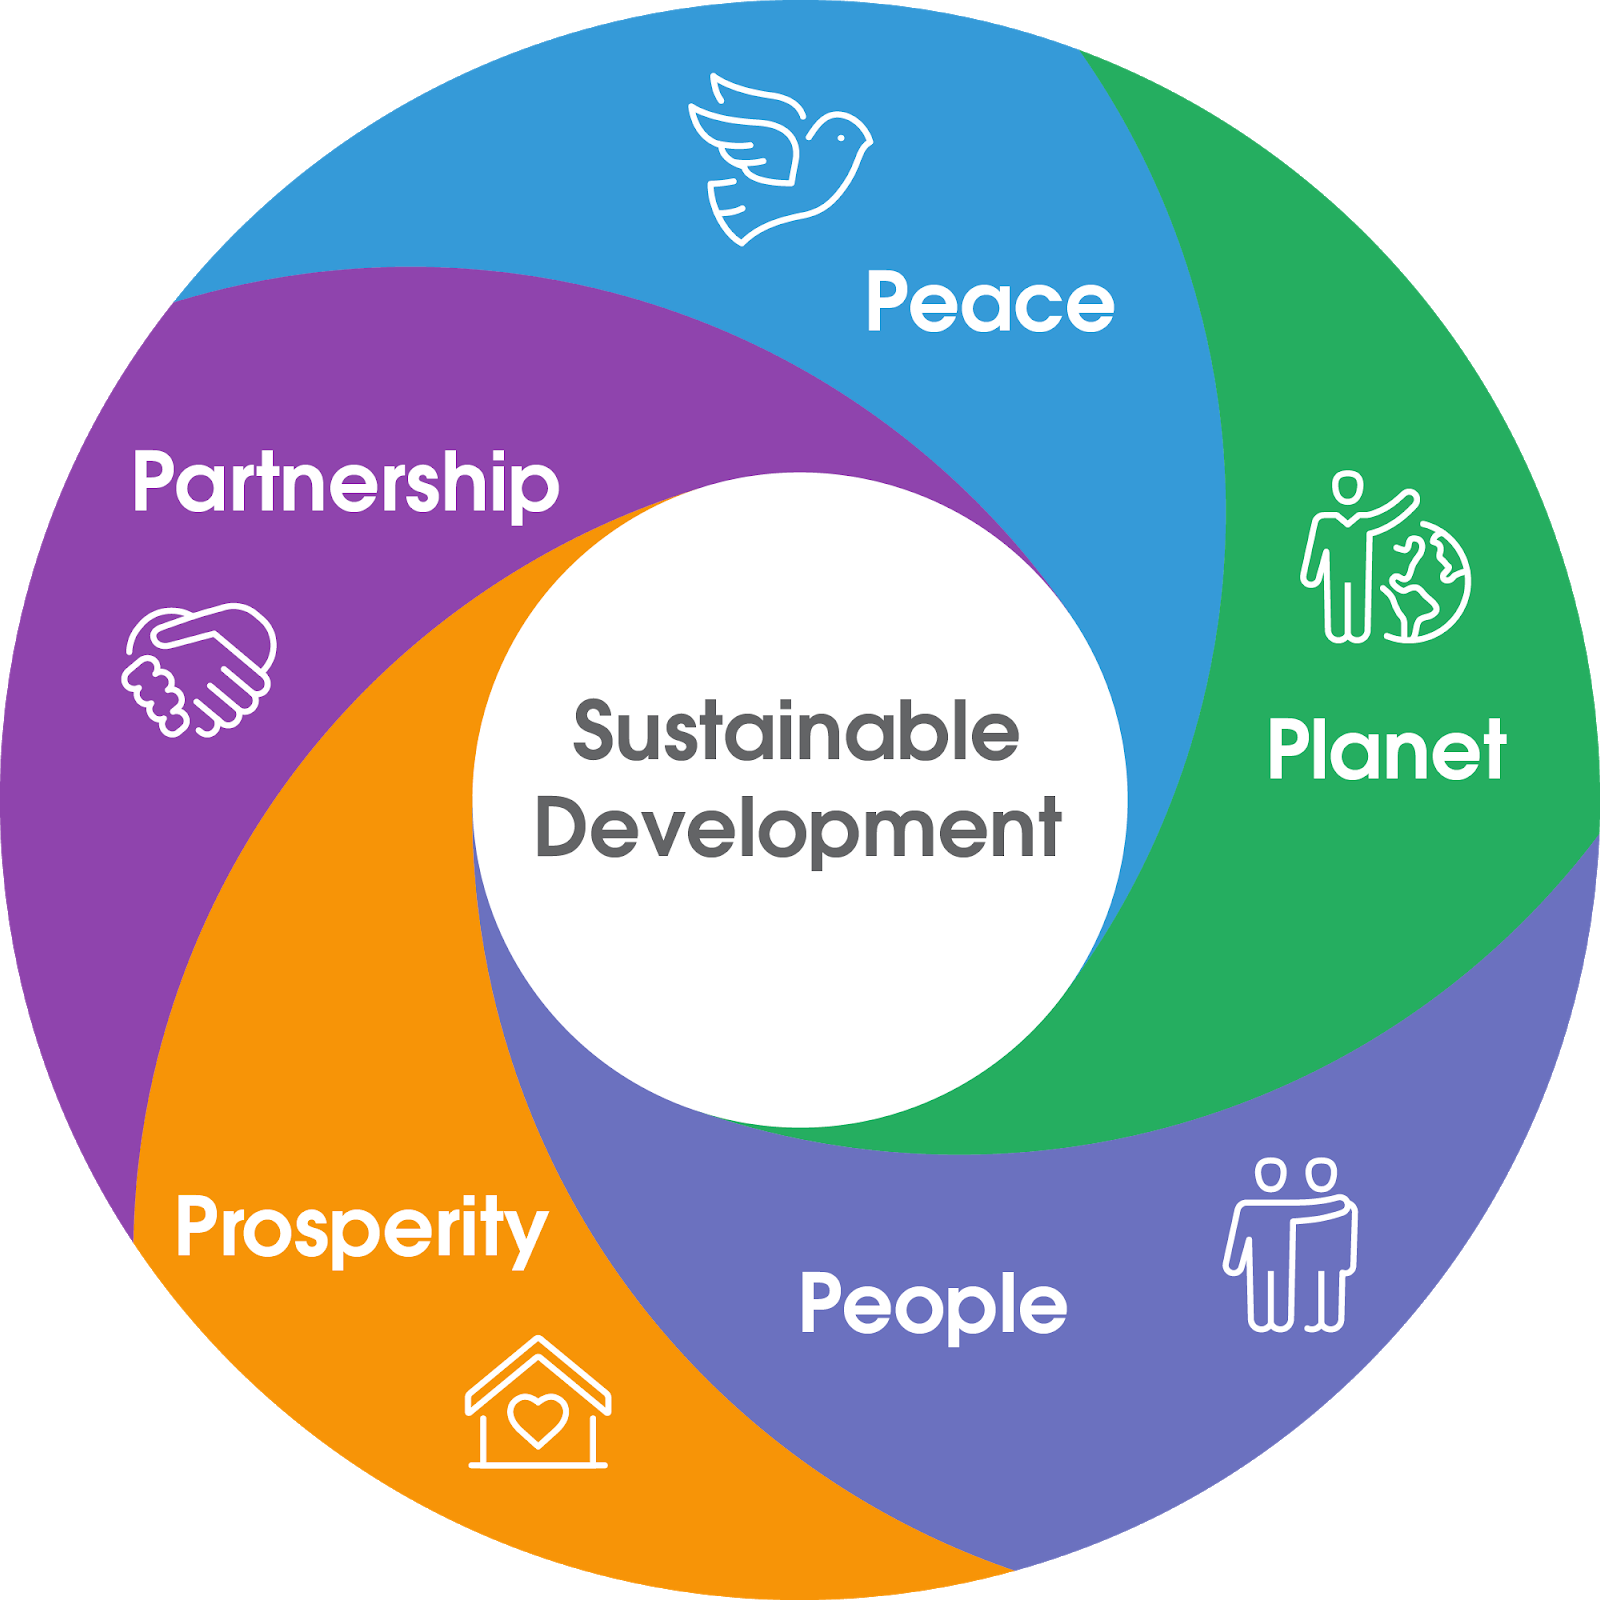 持続可能な開発の 5 P (側面) と相互関係